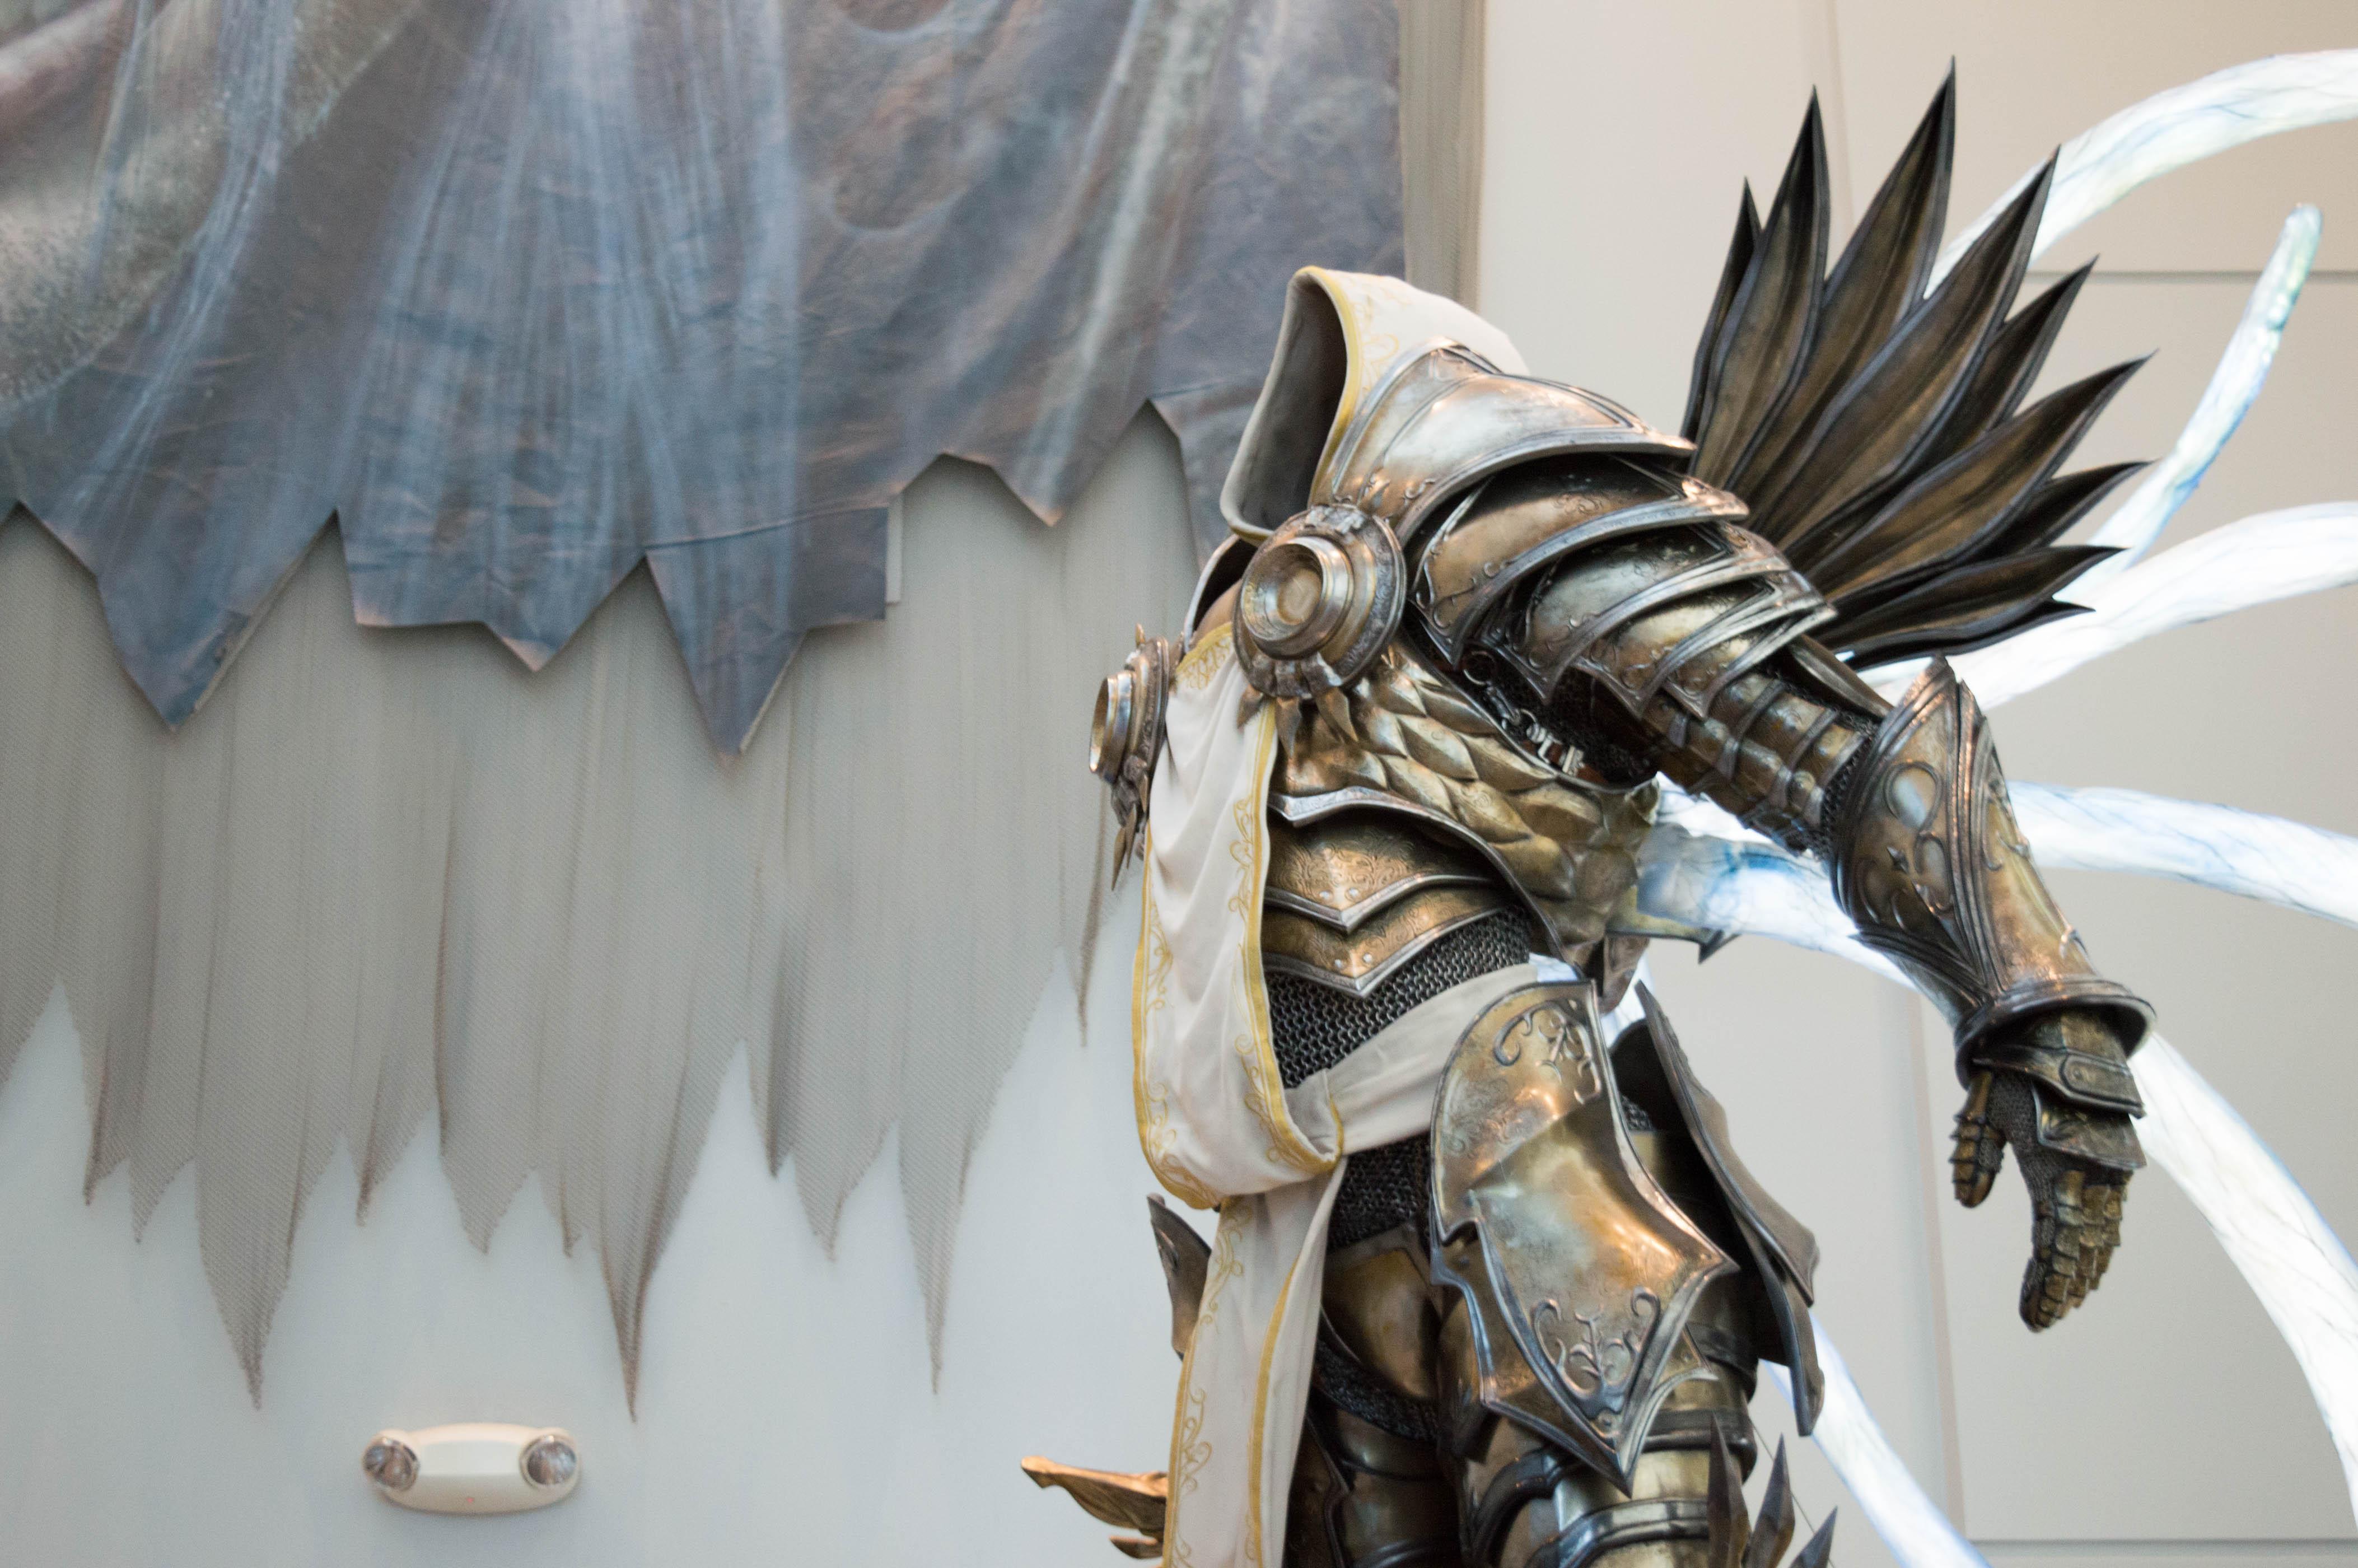 Swaps4's Bizarre Adventure Tour of Blizzard Entertainment 0061